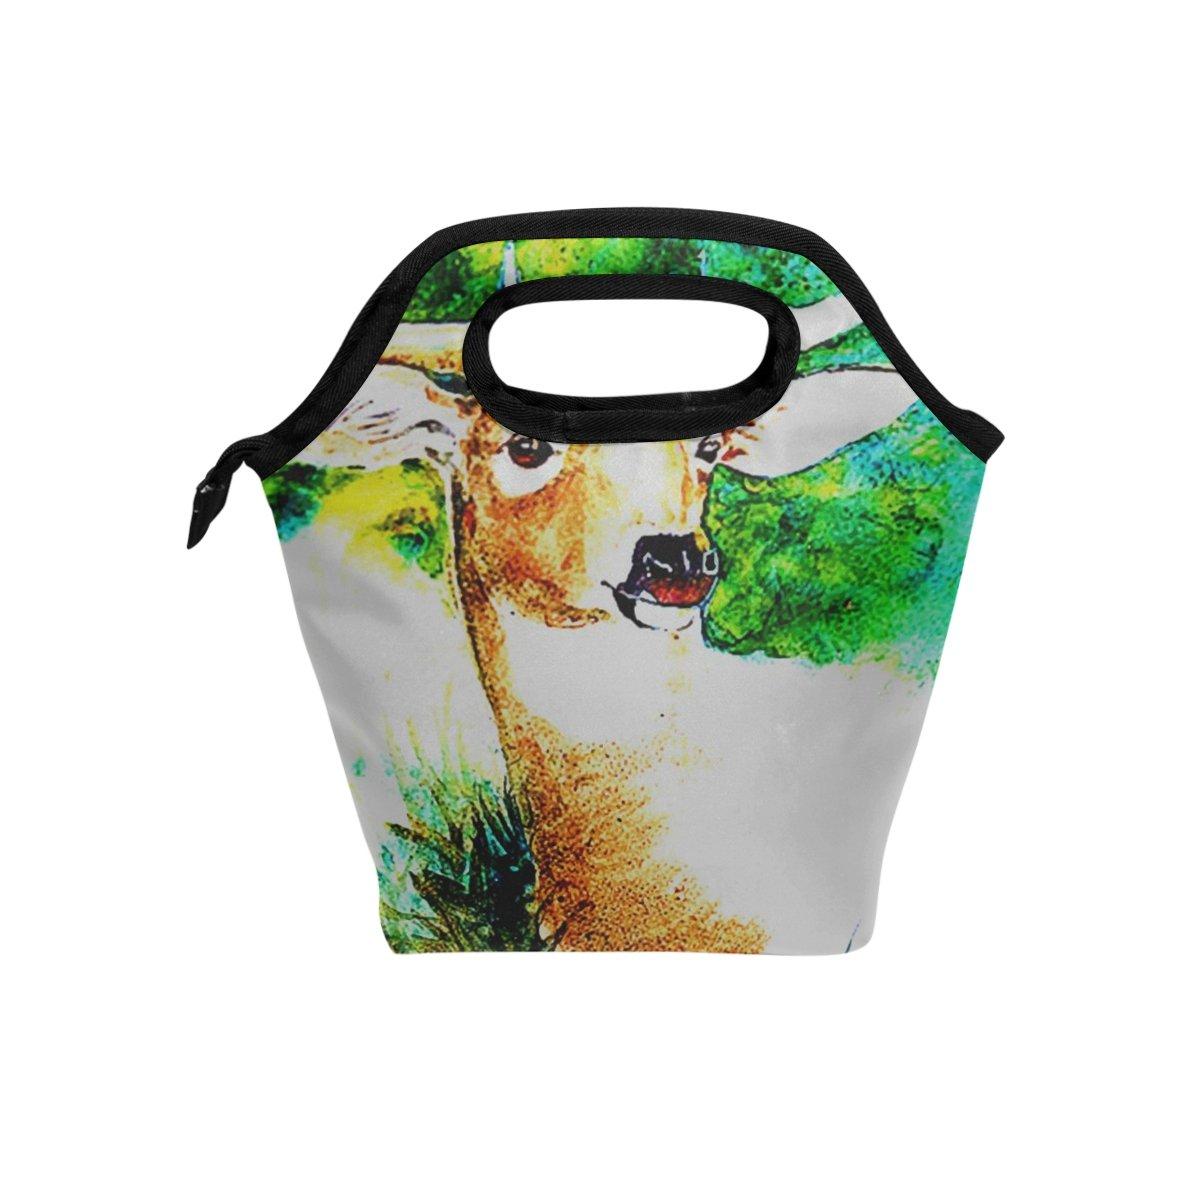 JSTEL - Bolsa de almuerzo con diseño de poros poros poros verdes, bolsa para el almuerzo, contenedor de alimentos, para viajes, picnic, escuela, oficina d25746